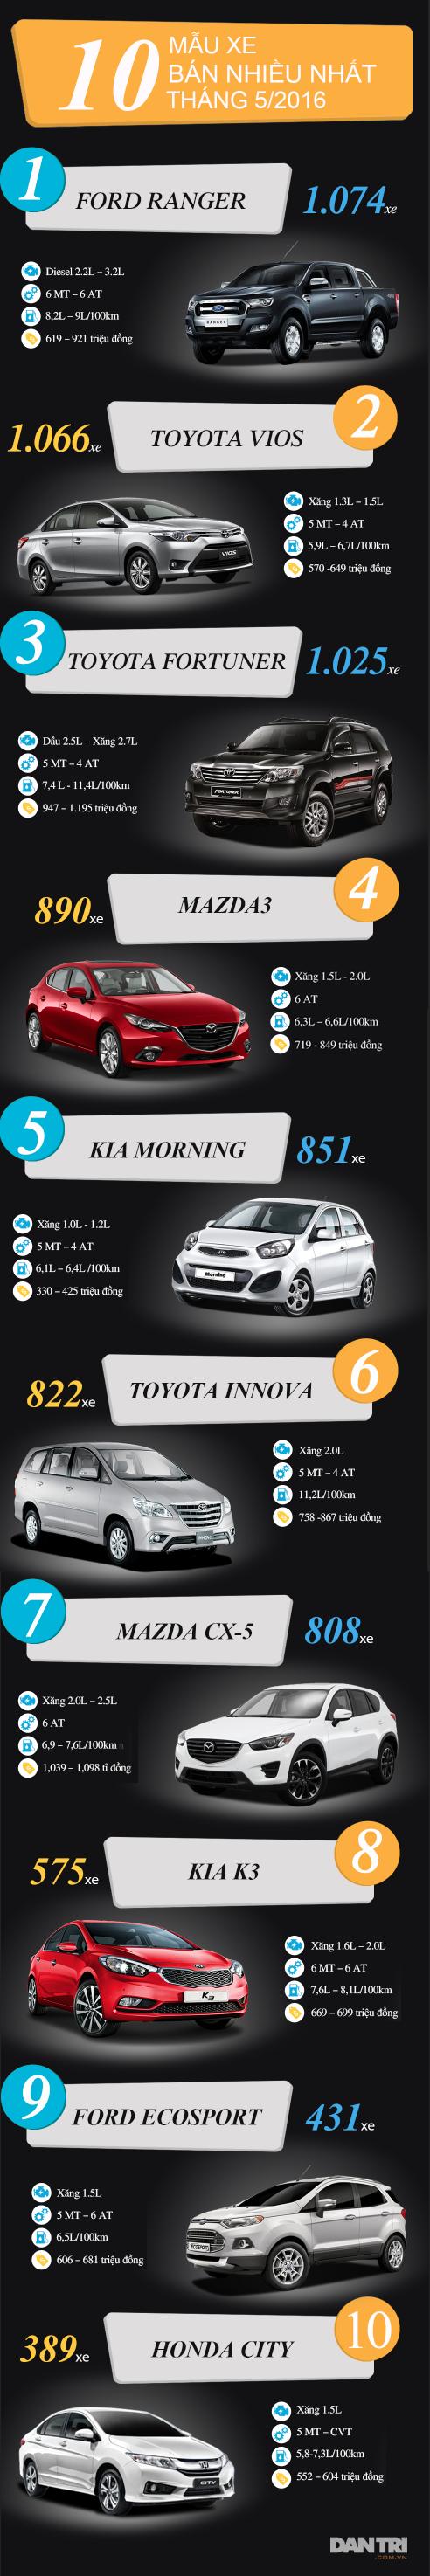 Top 10 xe bán chạy nhất tháng 5/2016 - 1